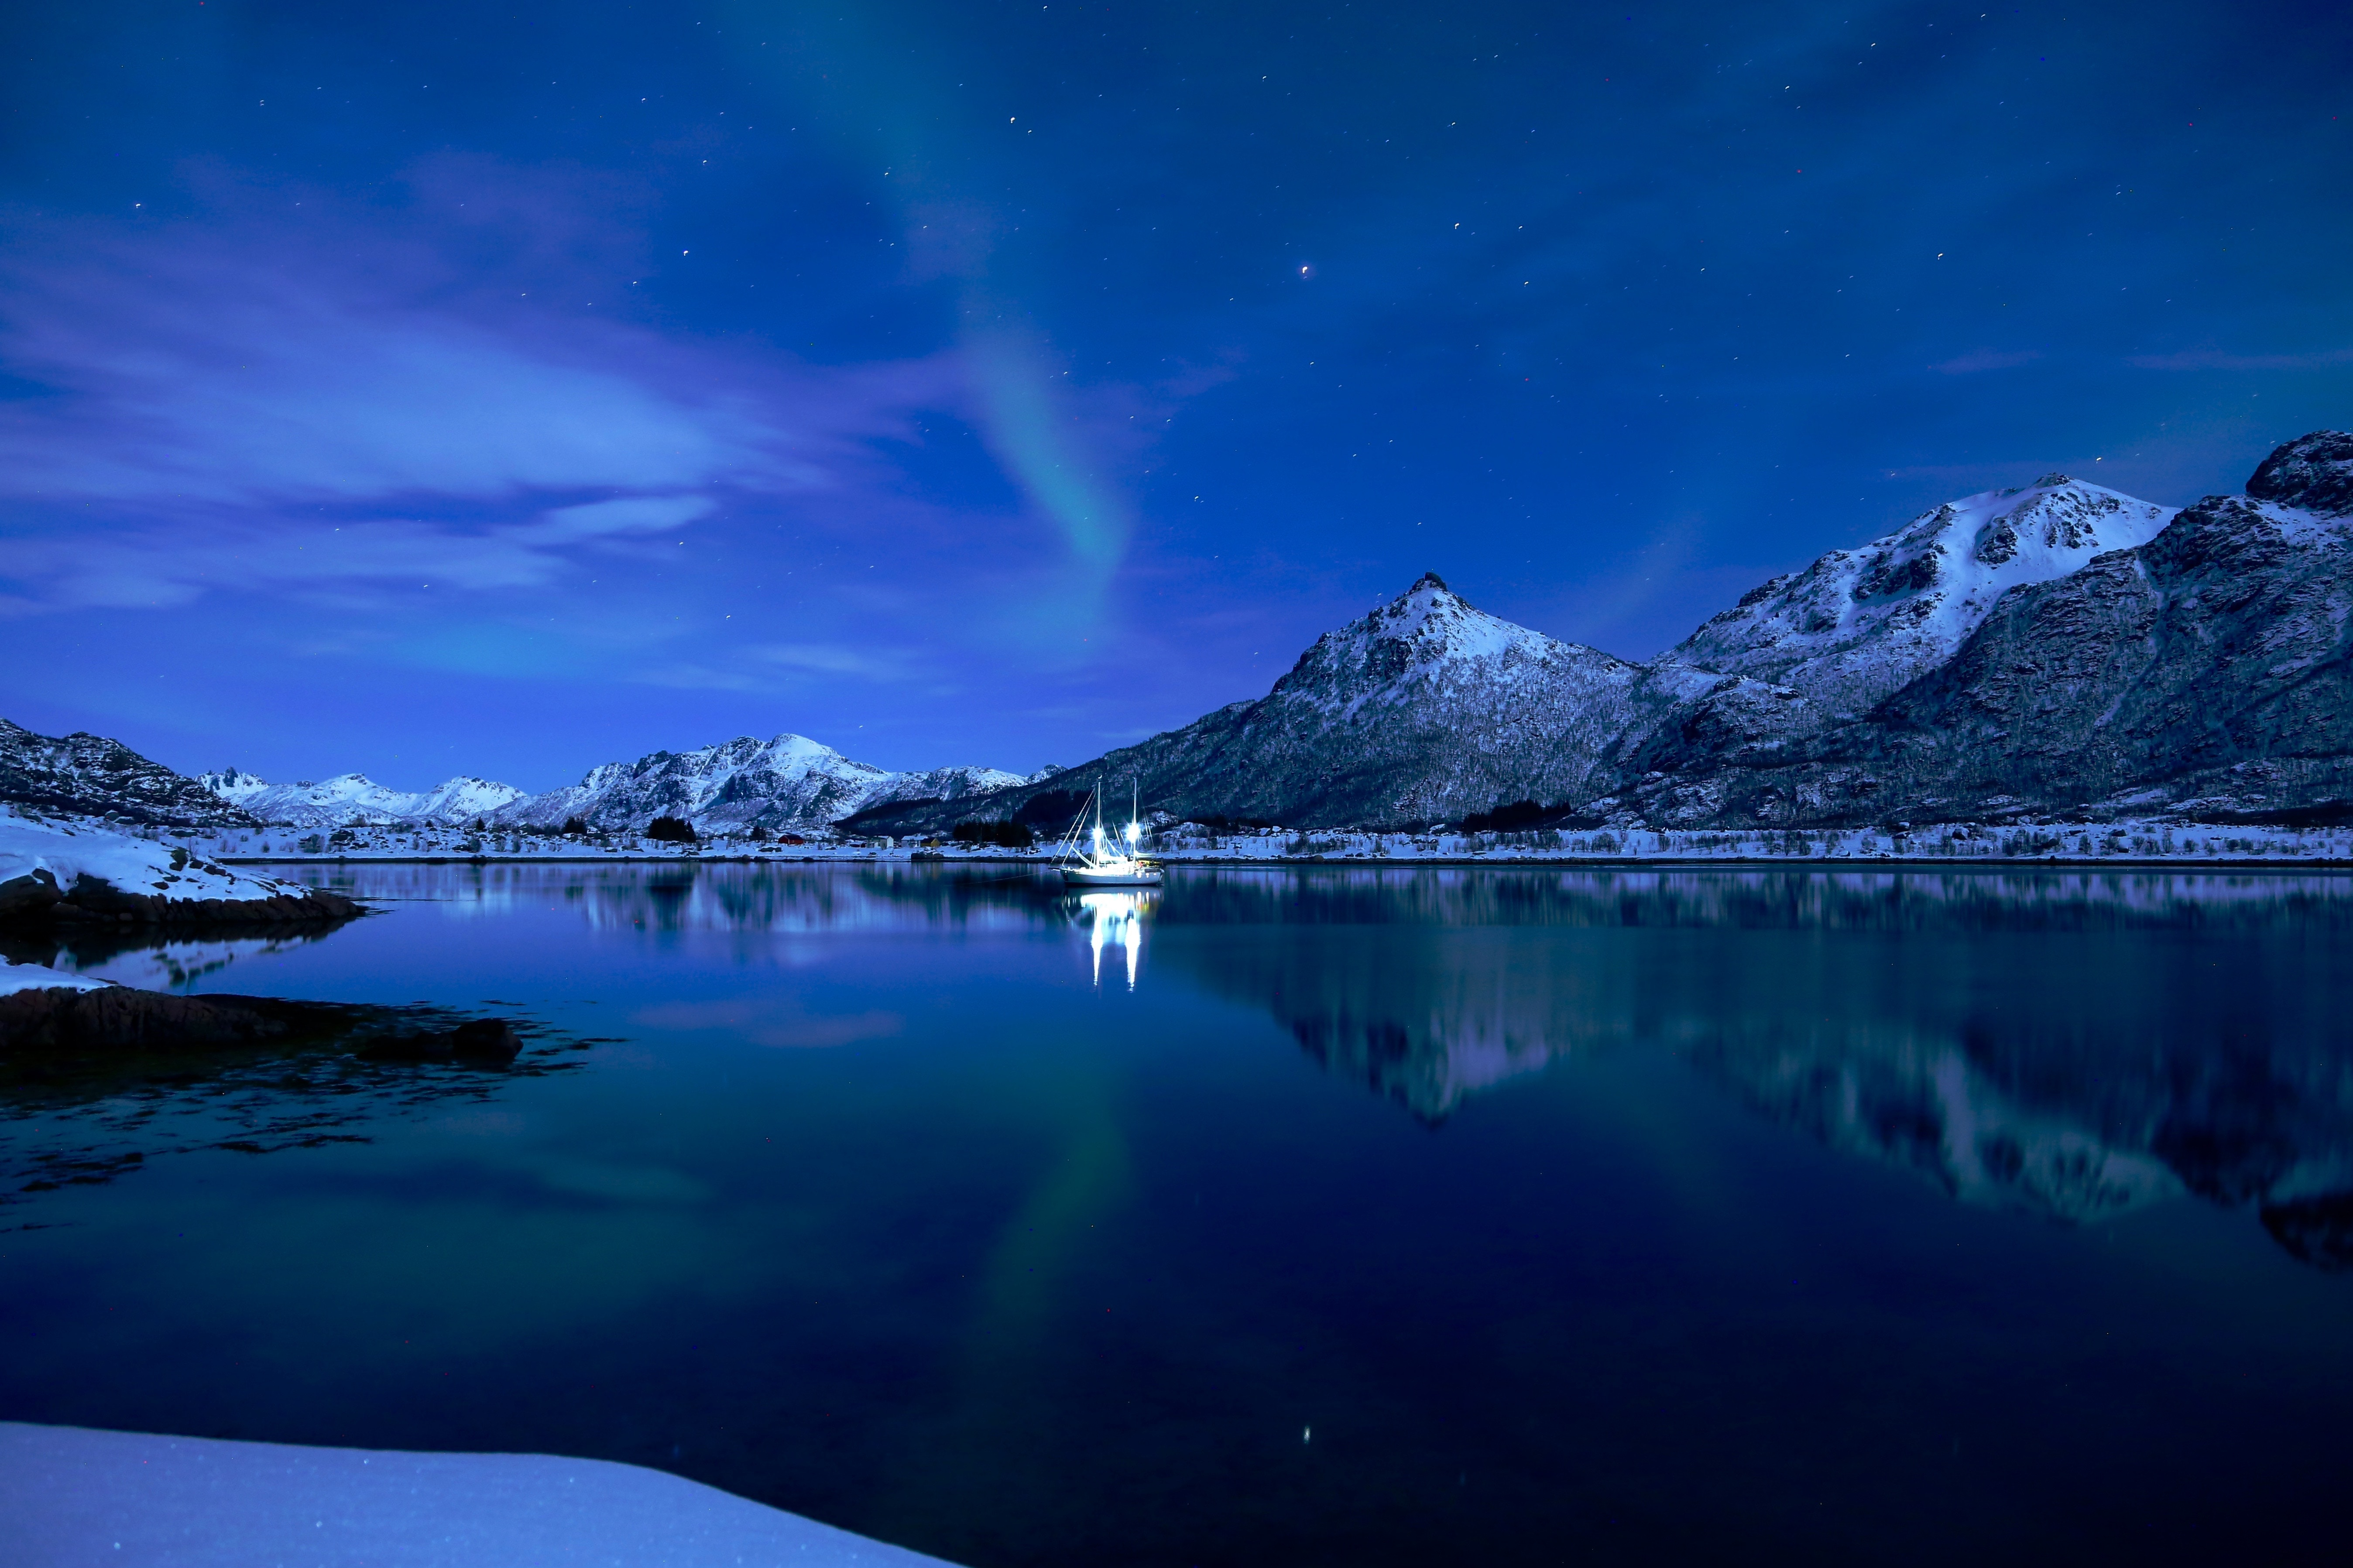 92703 скачать обои Природа, Озеро, Лодка, Лед, Закат, Звездное Небо, Горы - заставки и картинки бесплатно